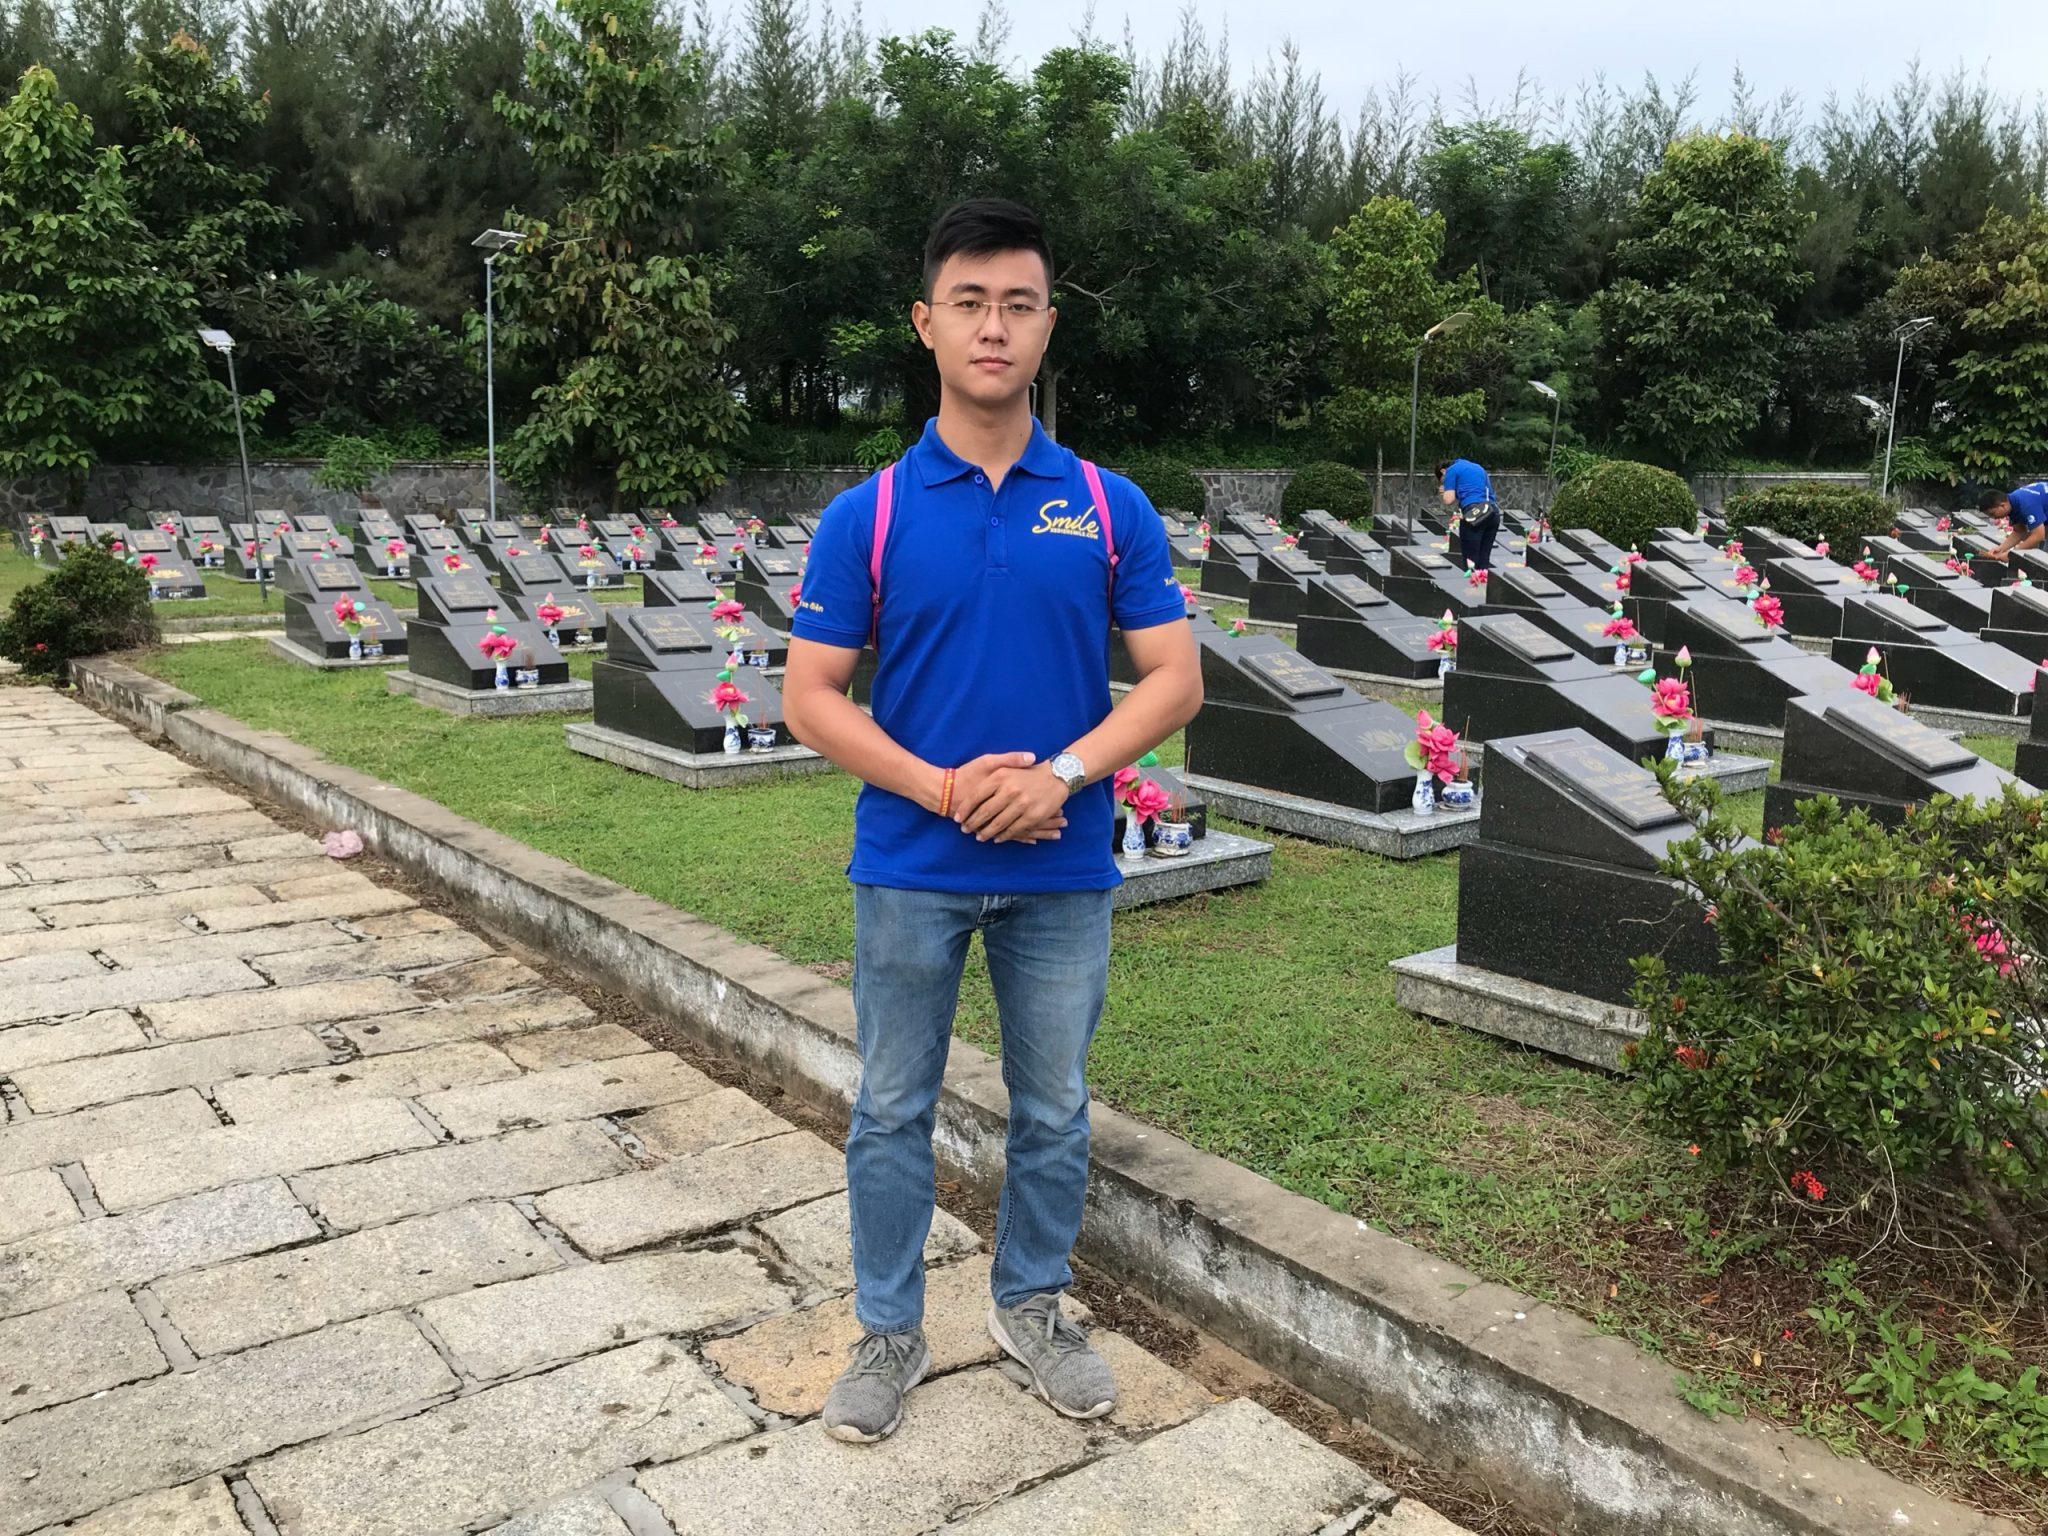 Chào các bạn, mình là Phạm Lý Minh Khoa.